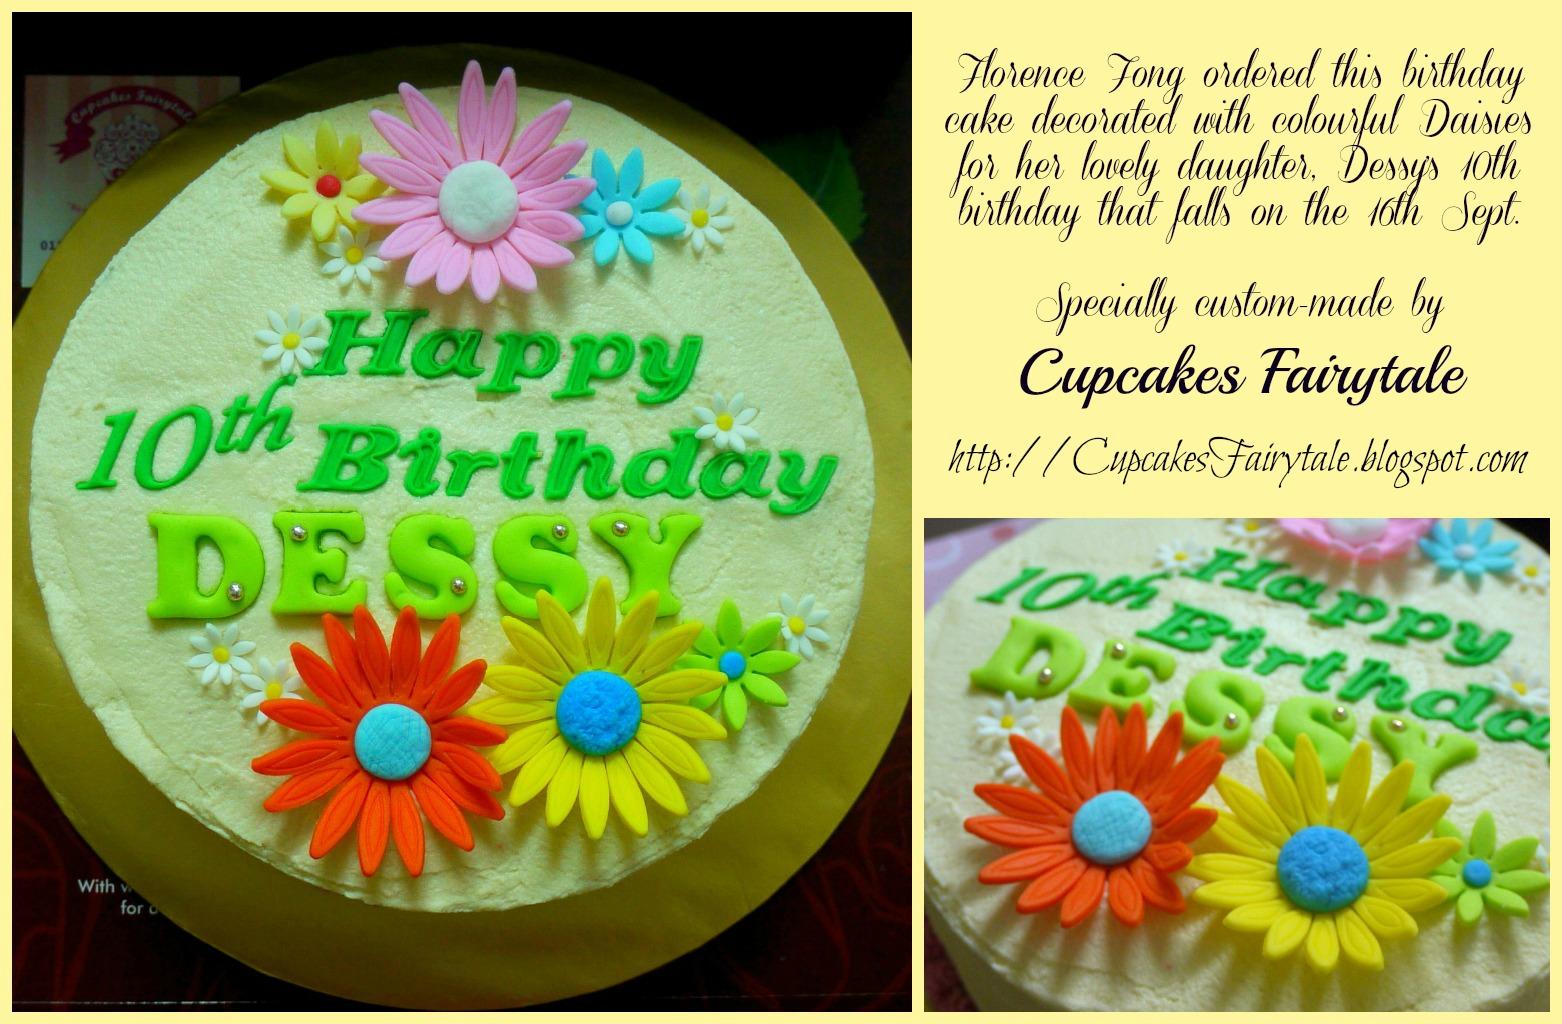 Cupcakes Fairytale September 2012